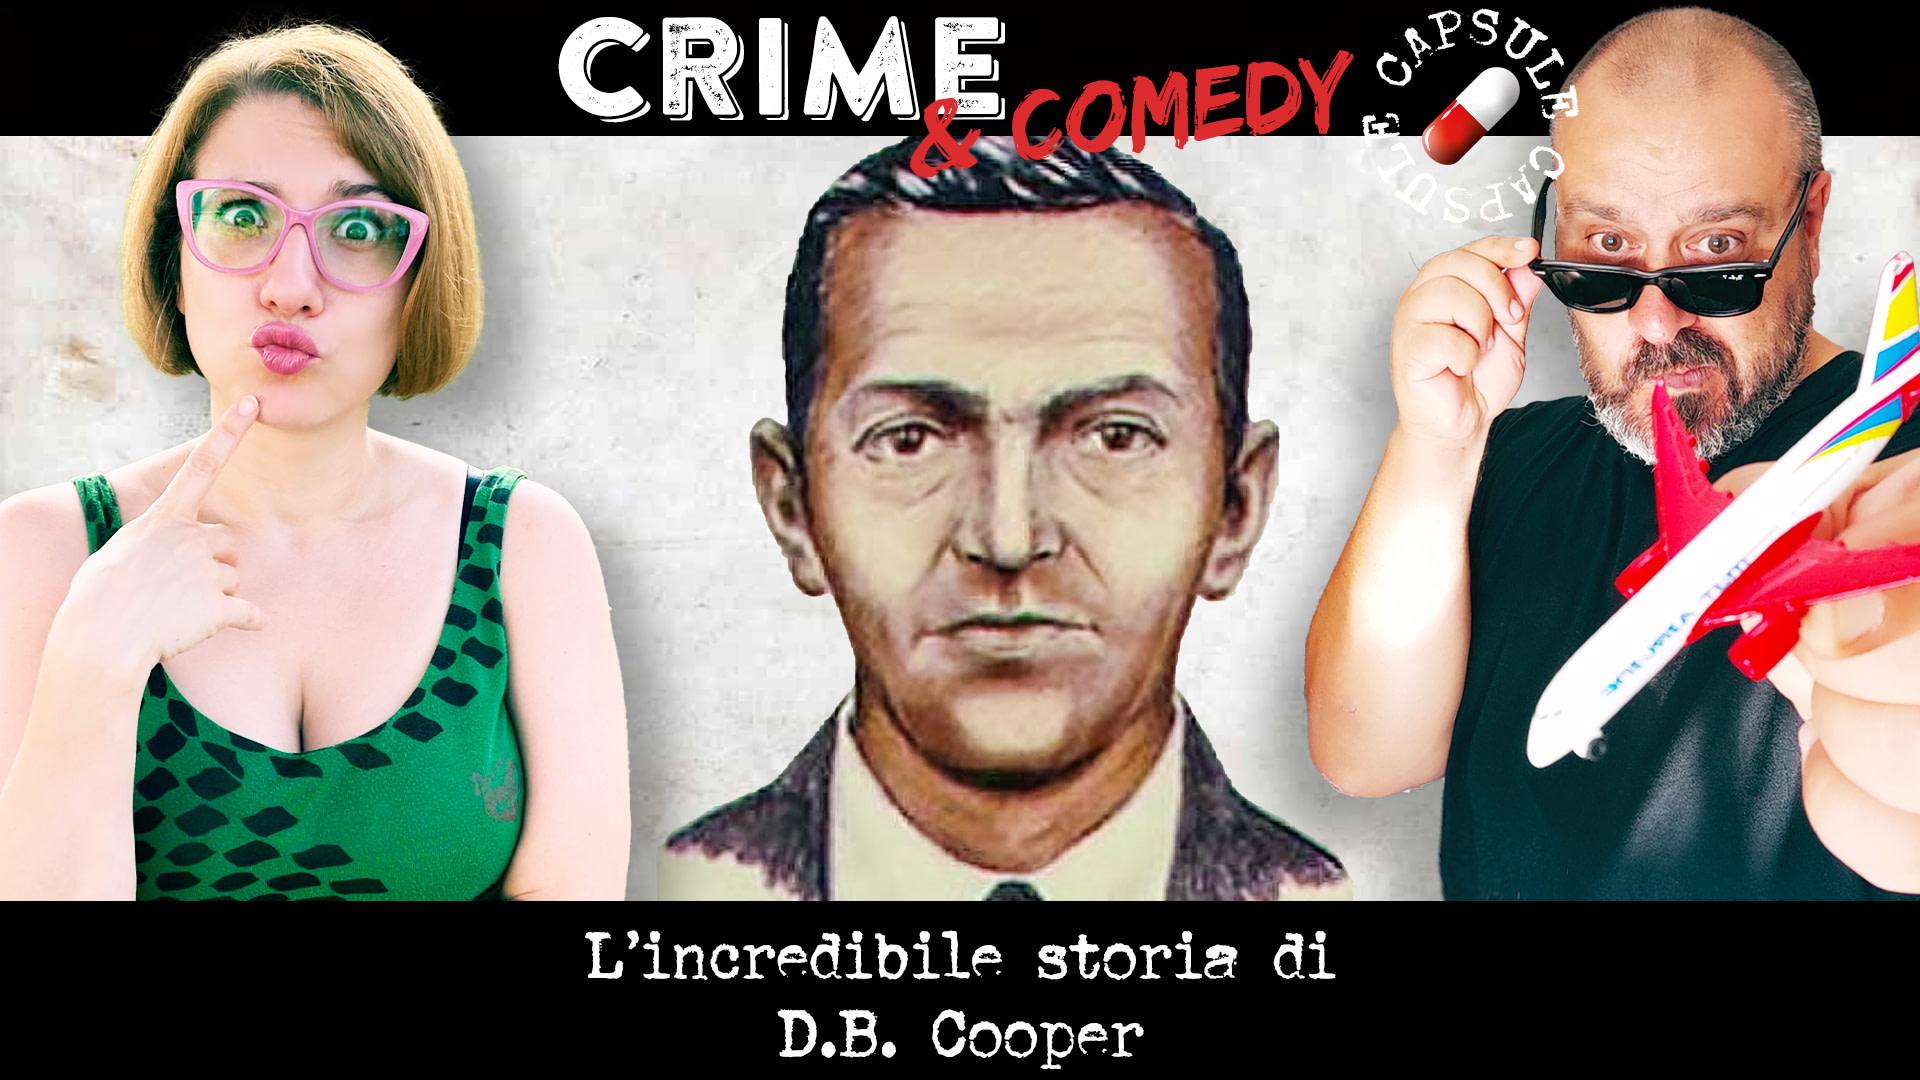 L'incredibile storia di D.B. Cooper - Il Pirata Dell'Aria - Crime & Comedy Capsule